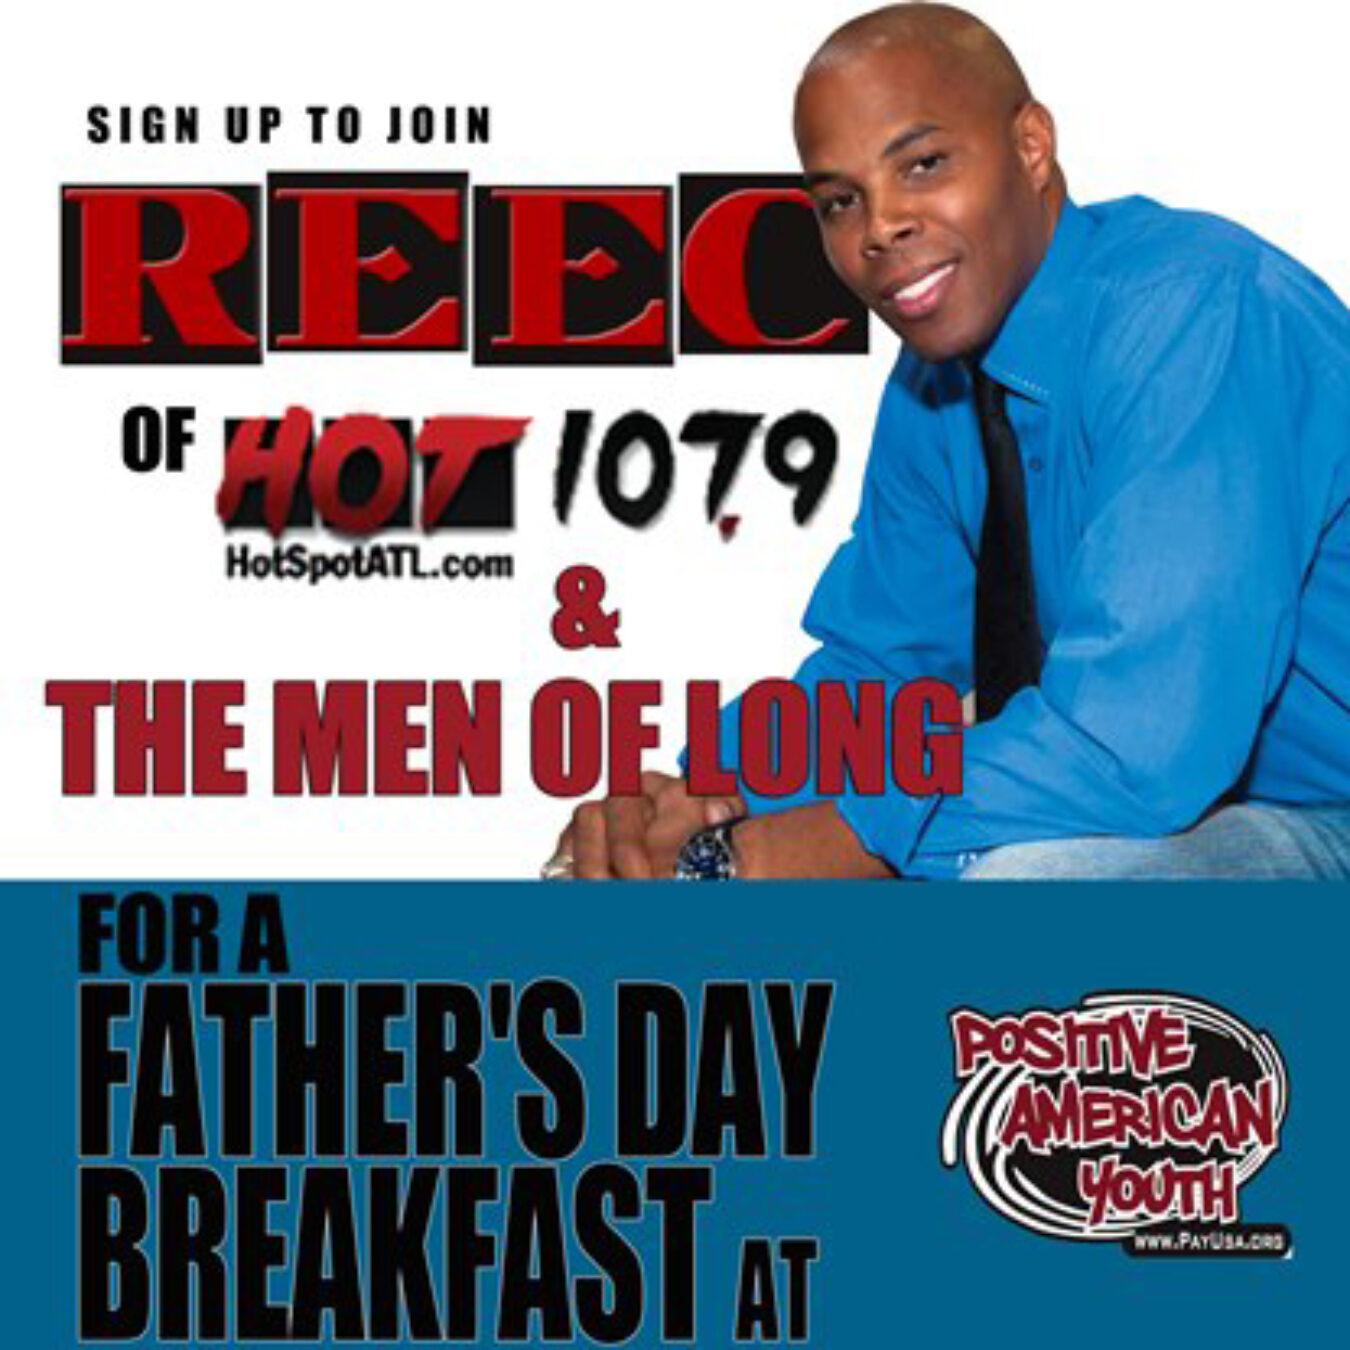 breakfast flyer4web